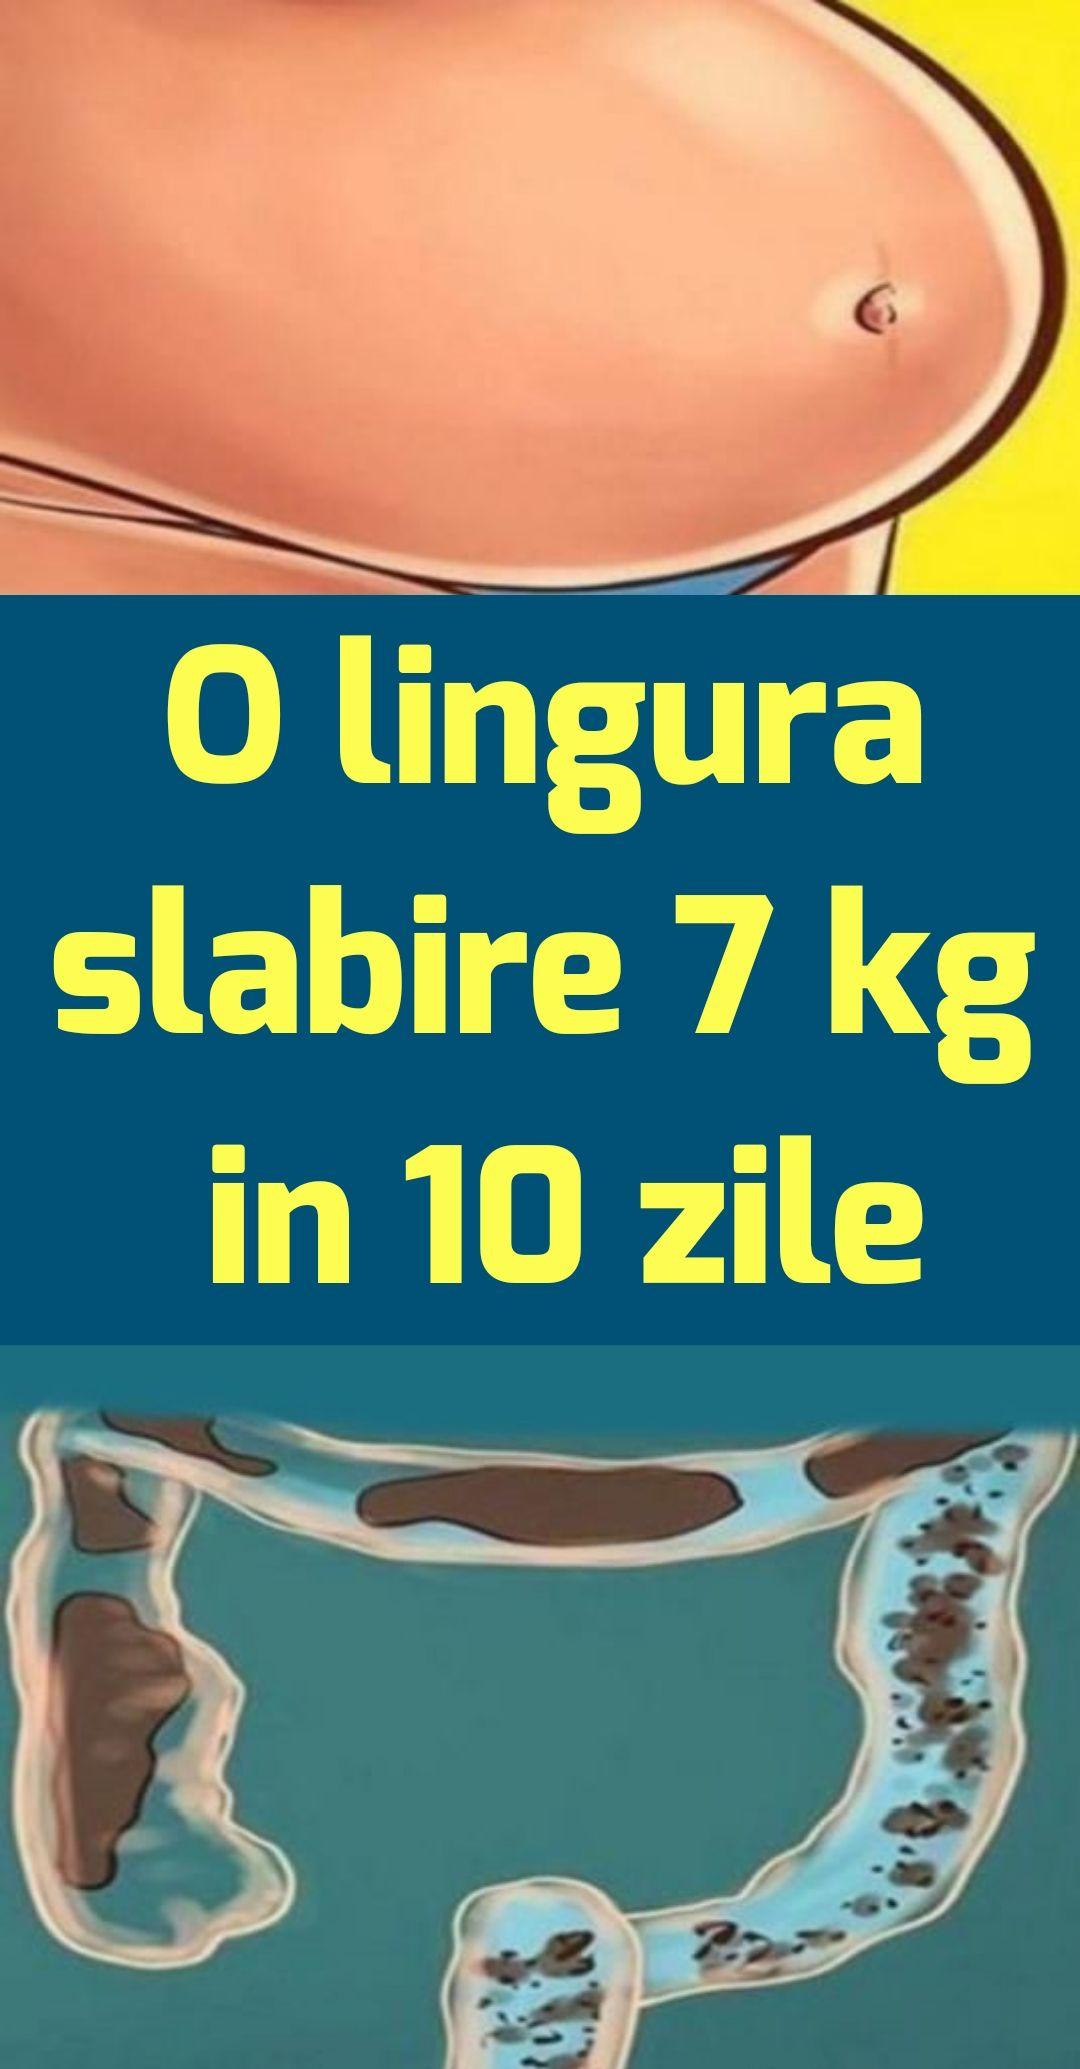 pierderea în greutate orbera lângă mine hiv provoacă pierderea de grăsimi